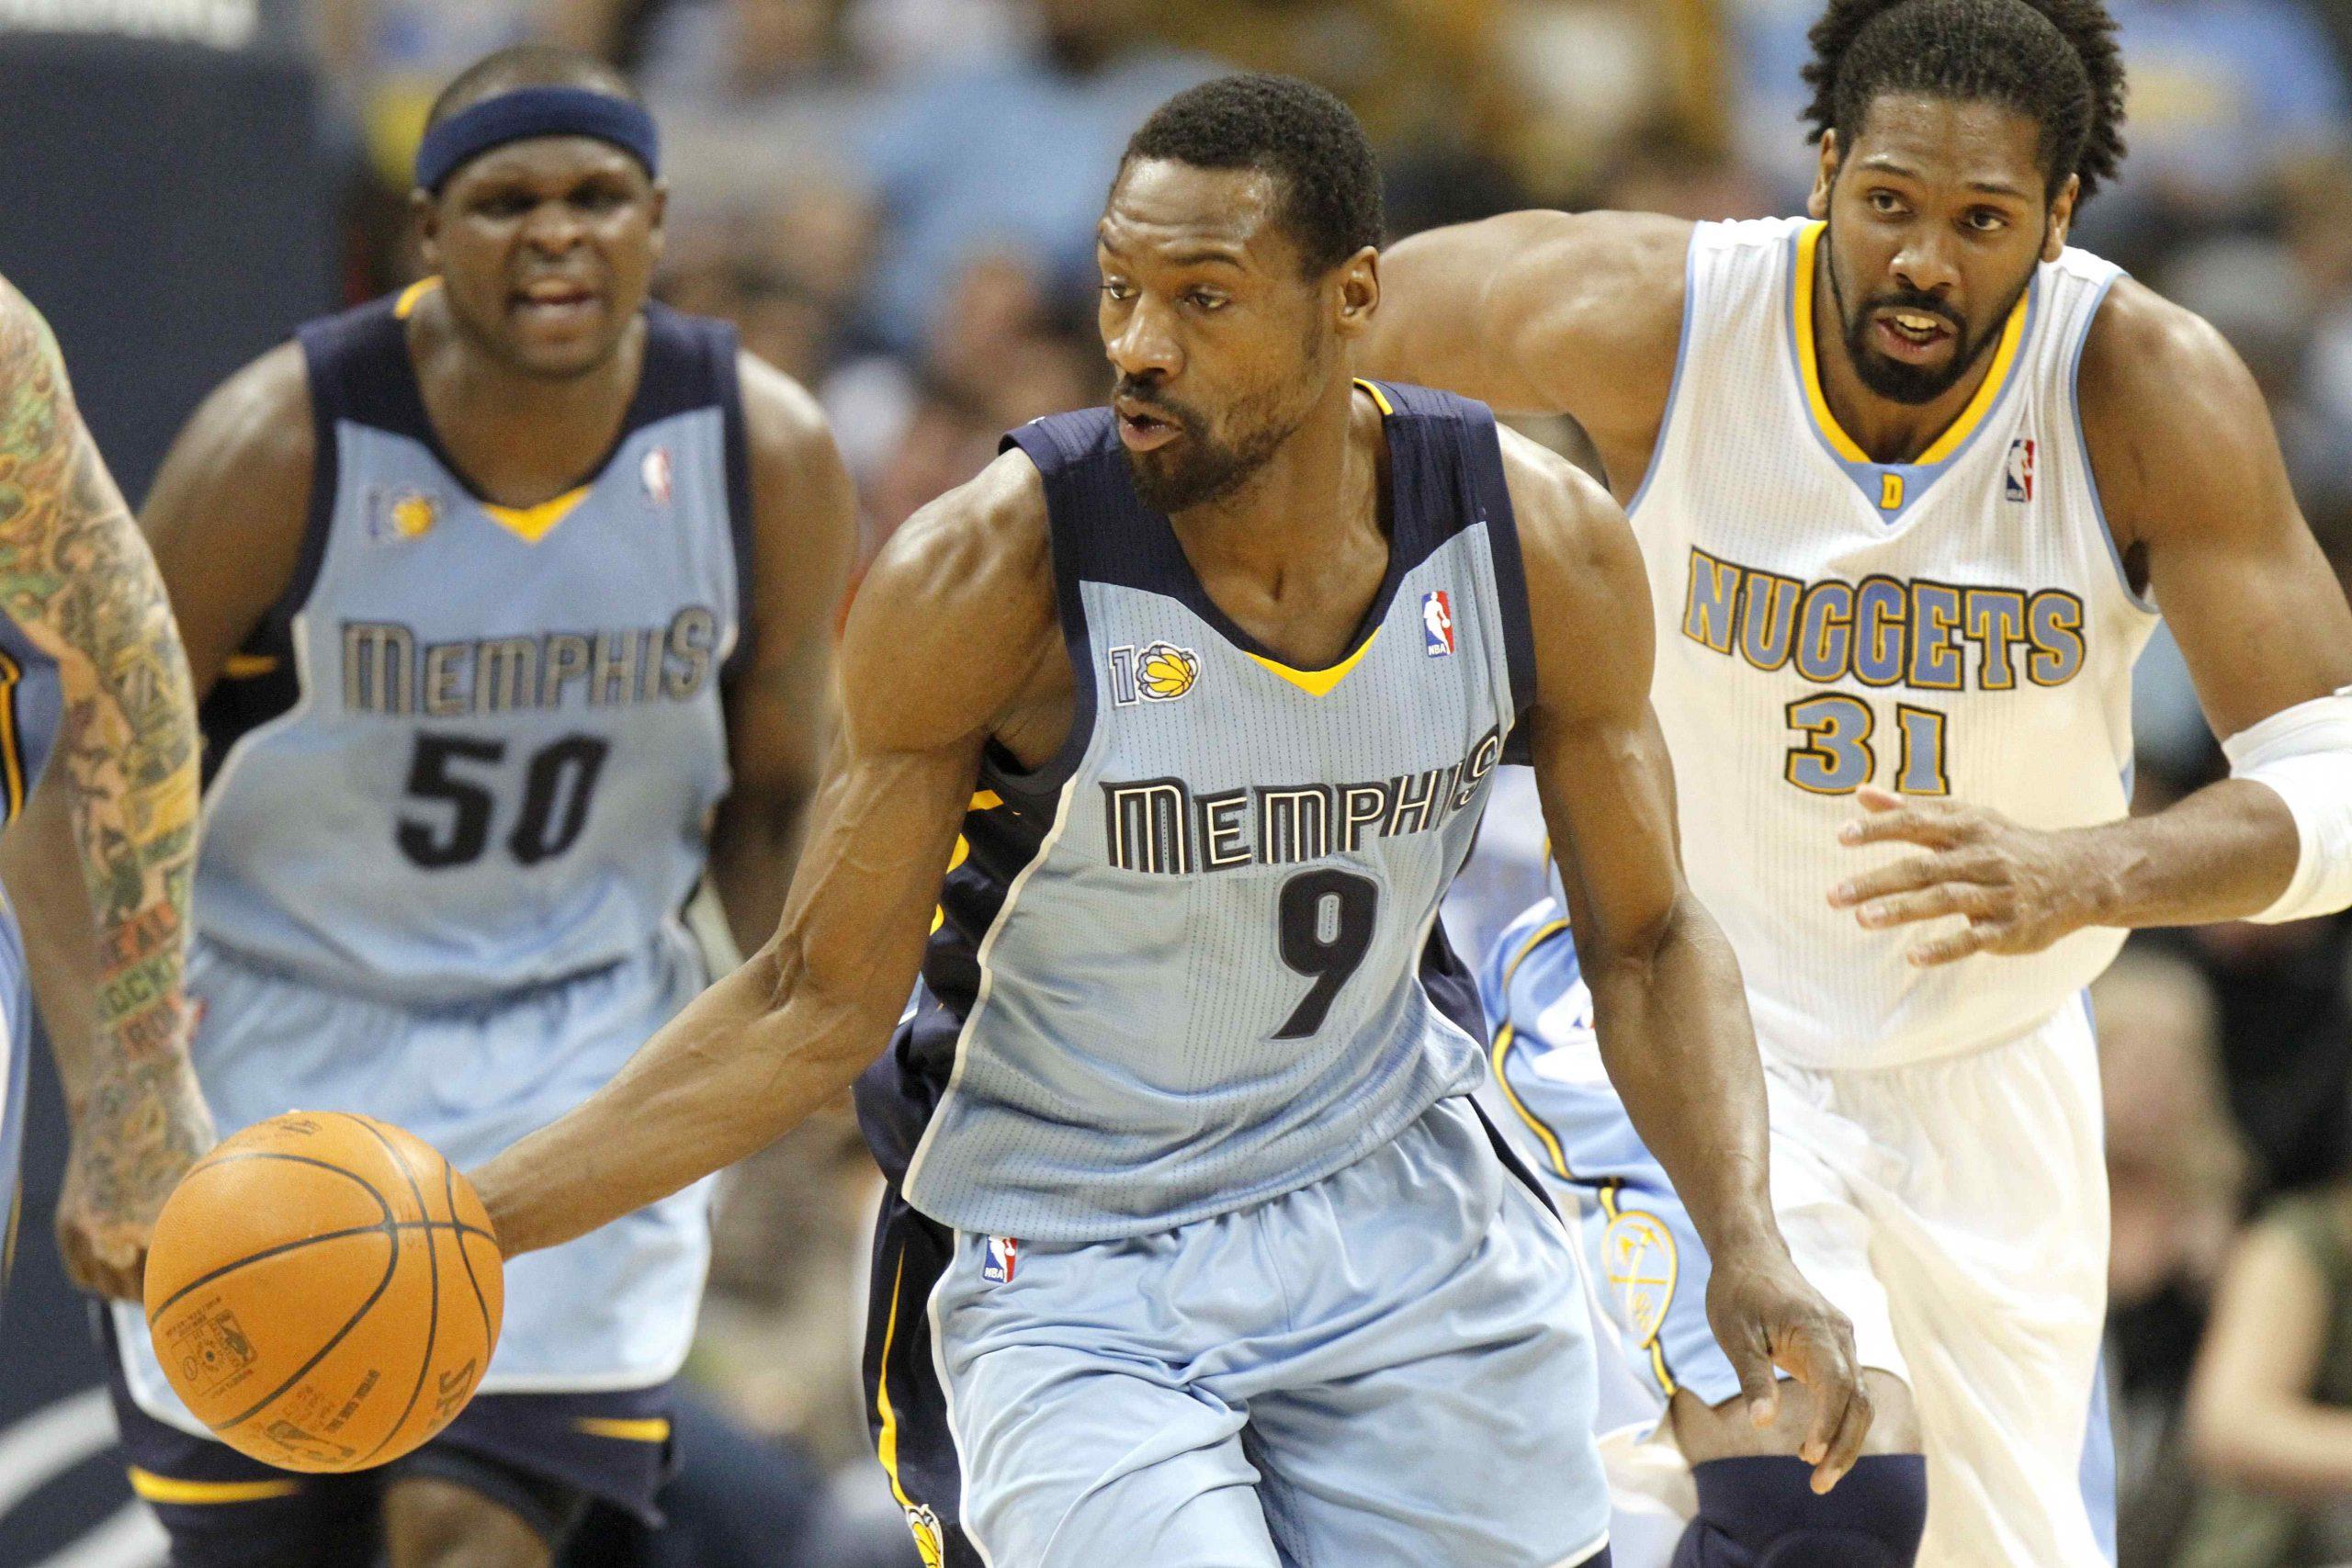 Kā 18 bijušie NBA spēlētāji centās izkrāpt nepilnus 4 miljonus